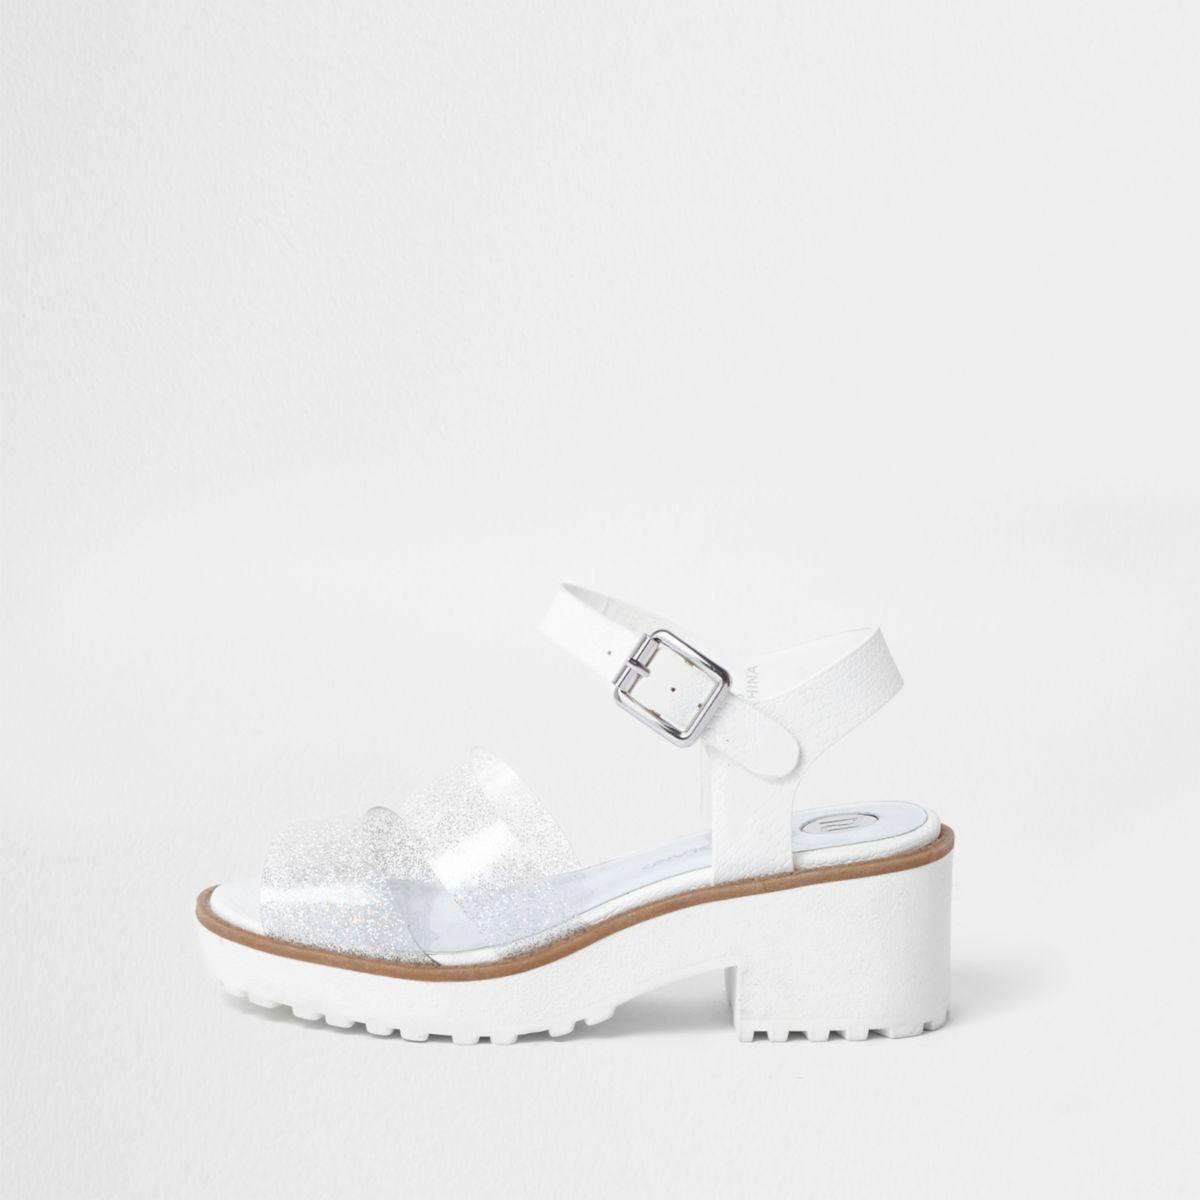 Sandales épaisses argentées à paillettes pour fille